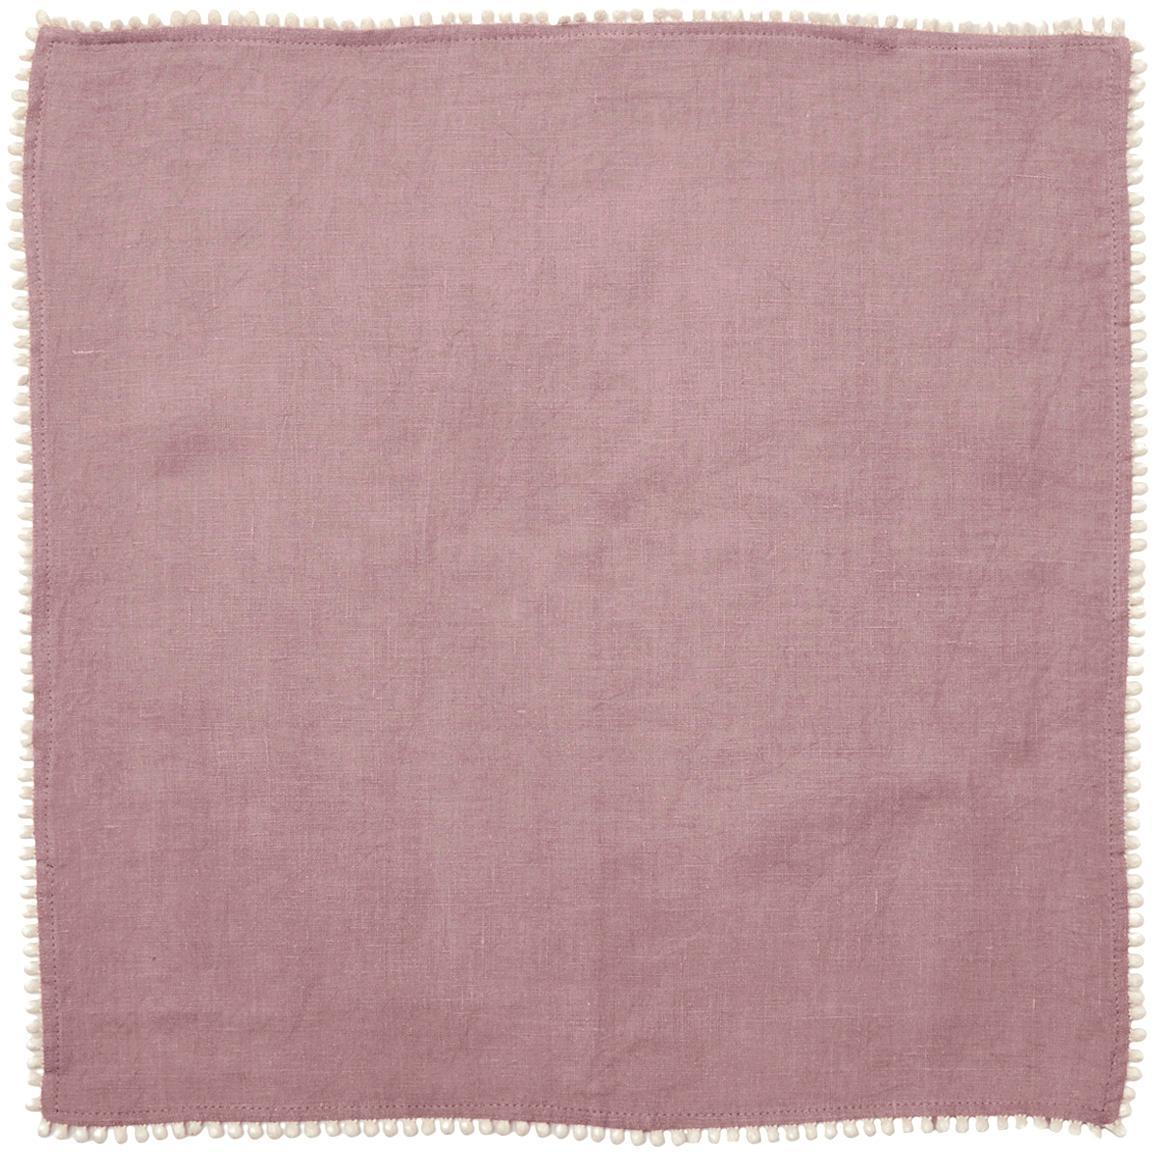 Gewaschene Leinen-Servietten Pom Pom, 4 Stück, Leinen, Altrosa, 46 x 46 cm